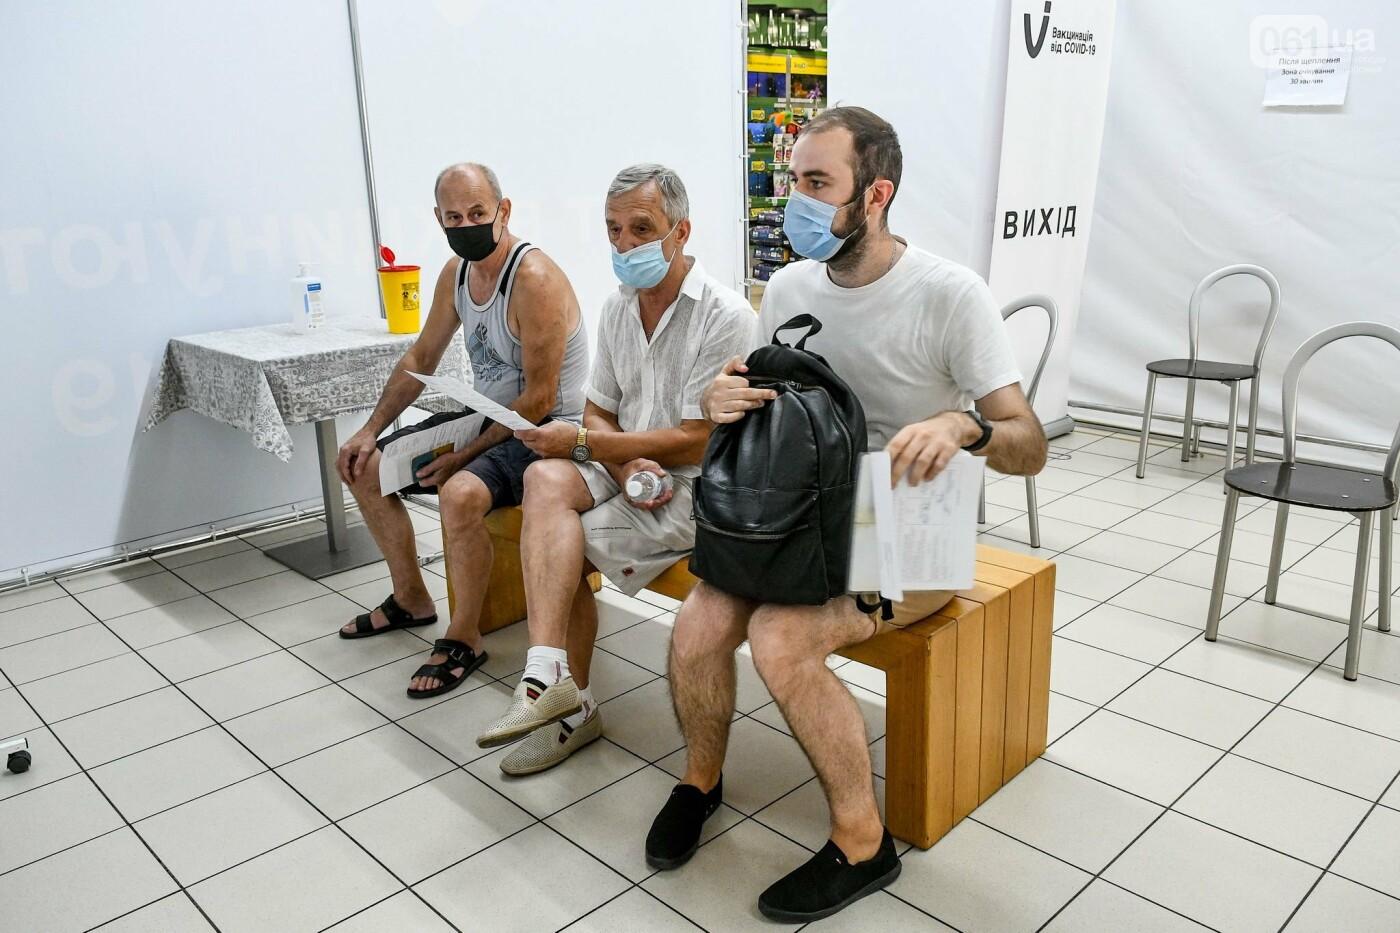 """В Запорожье в """"CITY MALL"""" открылся центр вакцинации: прививают Pfizer, сотни людей стоят в очереди, - ФОТОРЕПОРТАЖ , фото-17"""